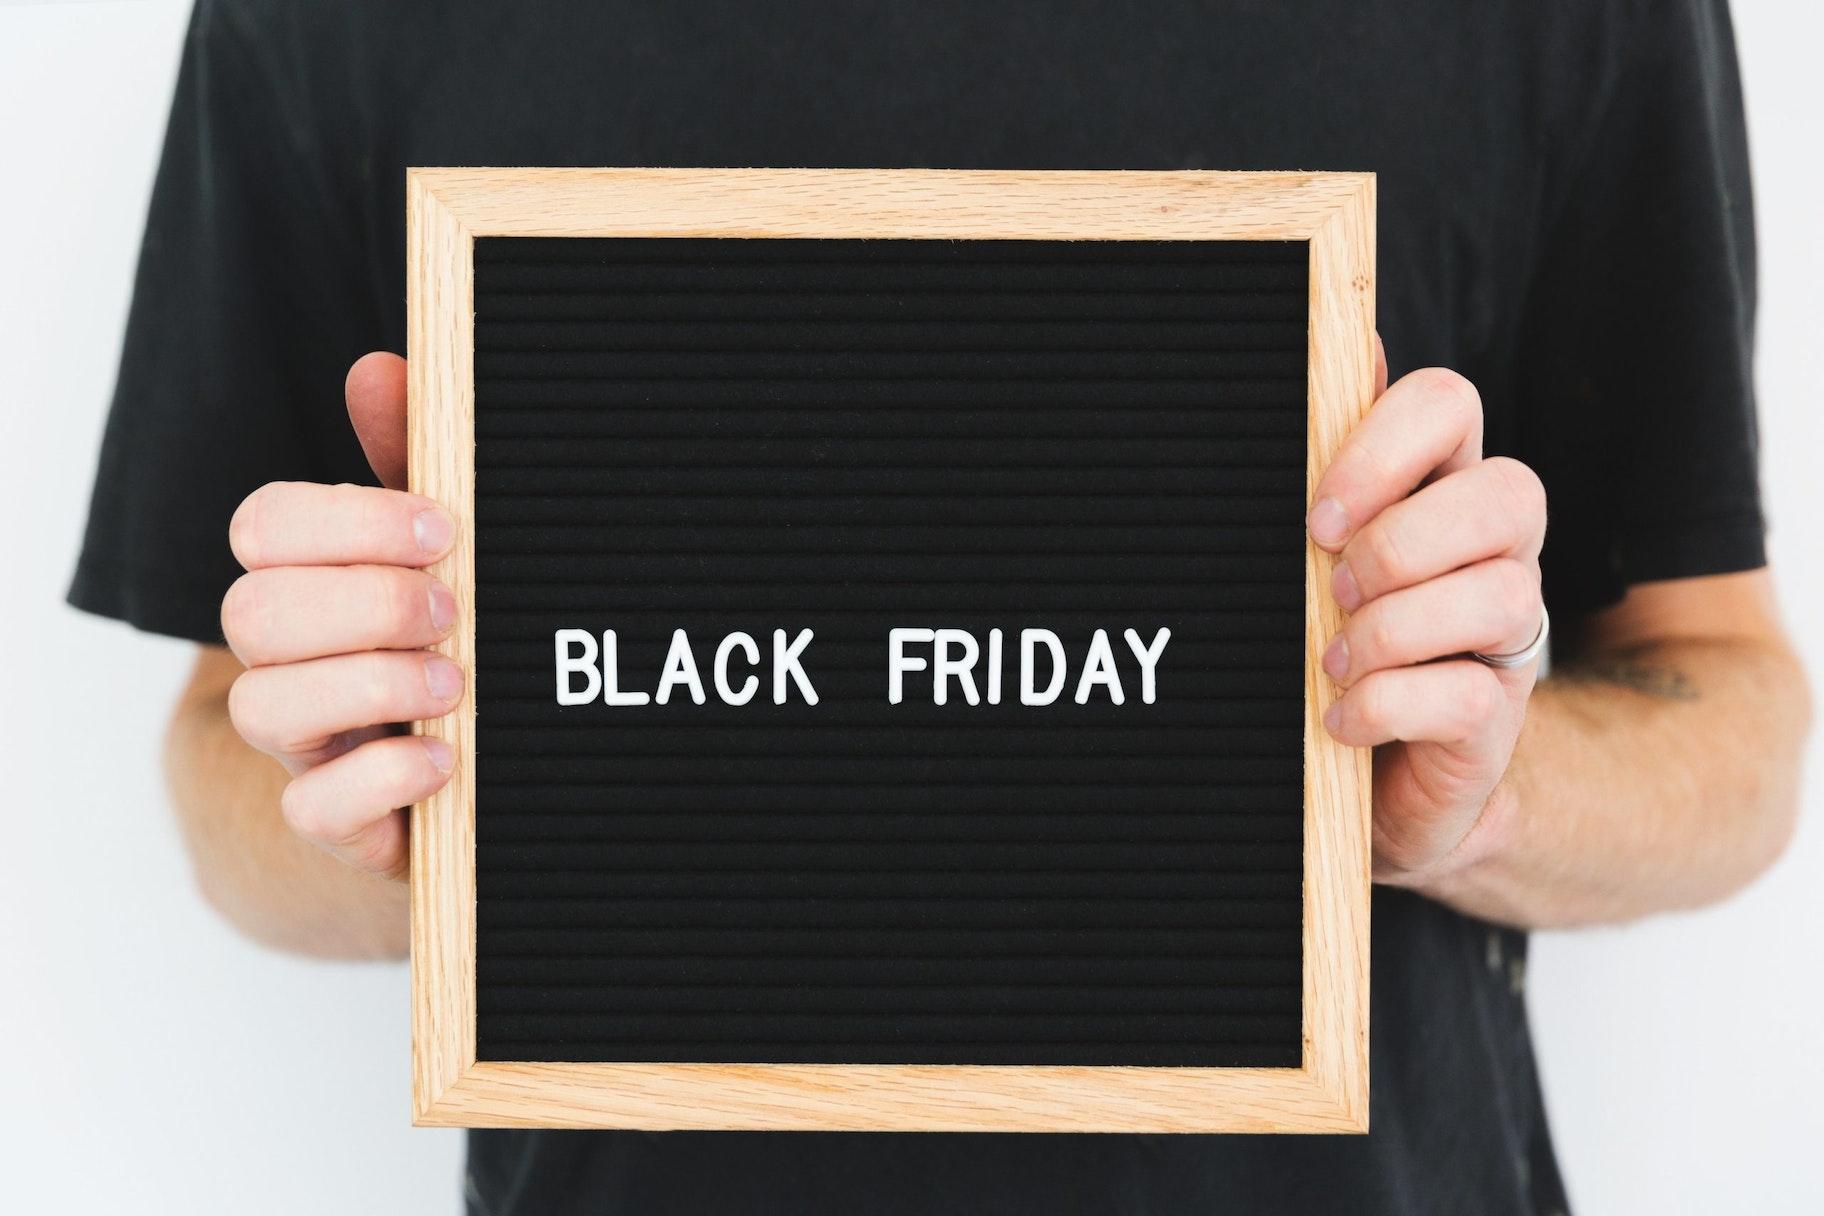 Black Friday Brasil: 13 dicas de marketing para vender mais em 2020 | Oberlo